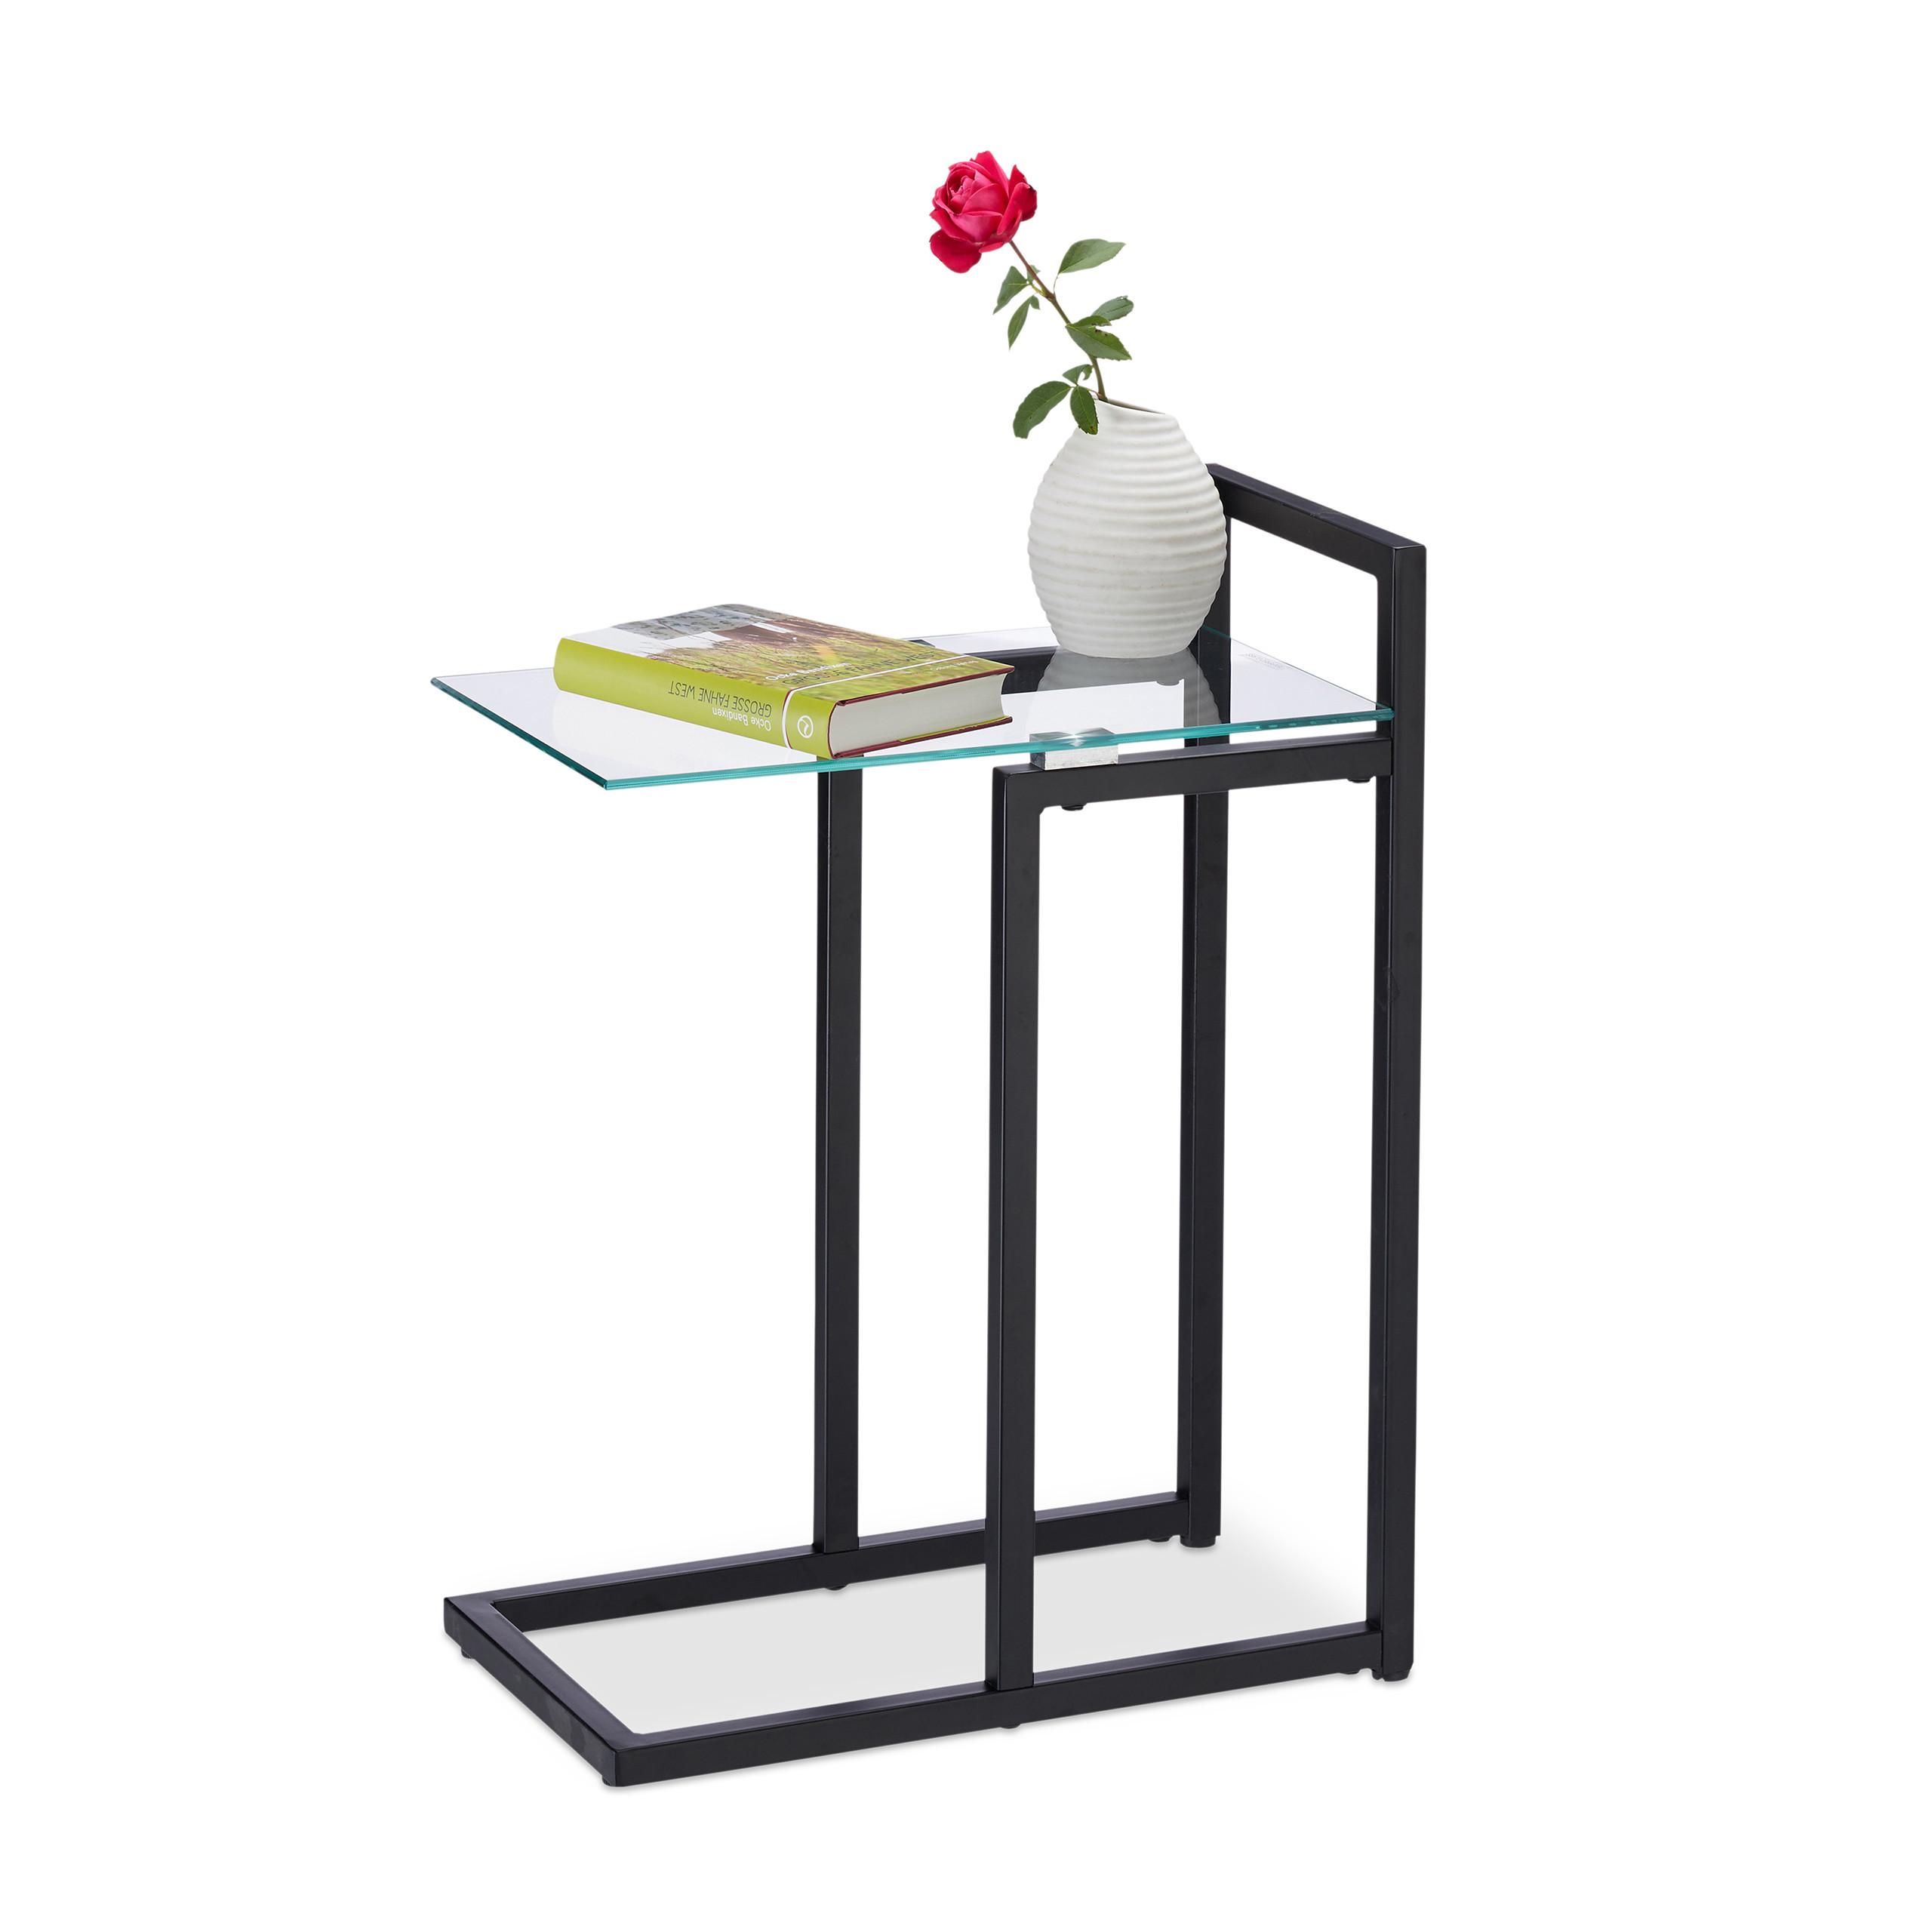 beistelltisch metall glas dekotisch kleiner couchtisch glasplatte mehrere farben ebay On kleiner couchtisch glas